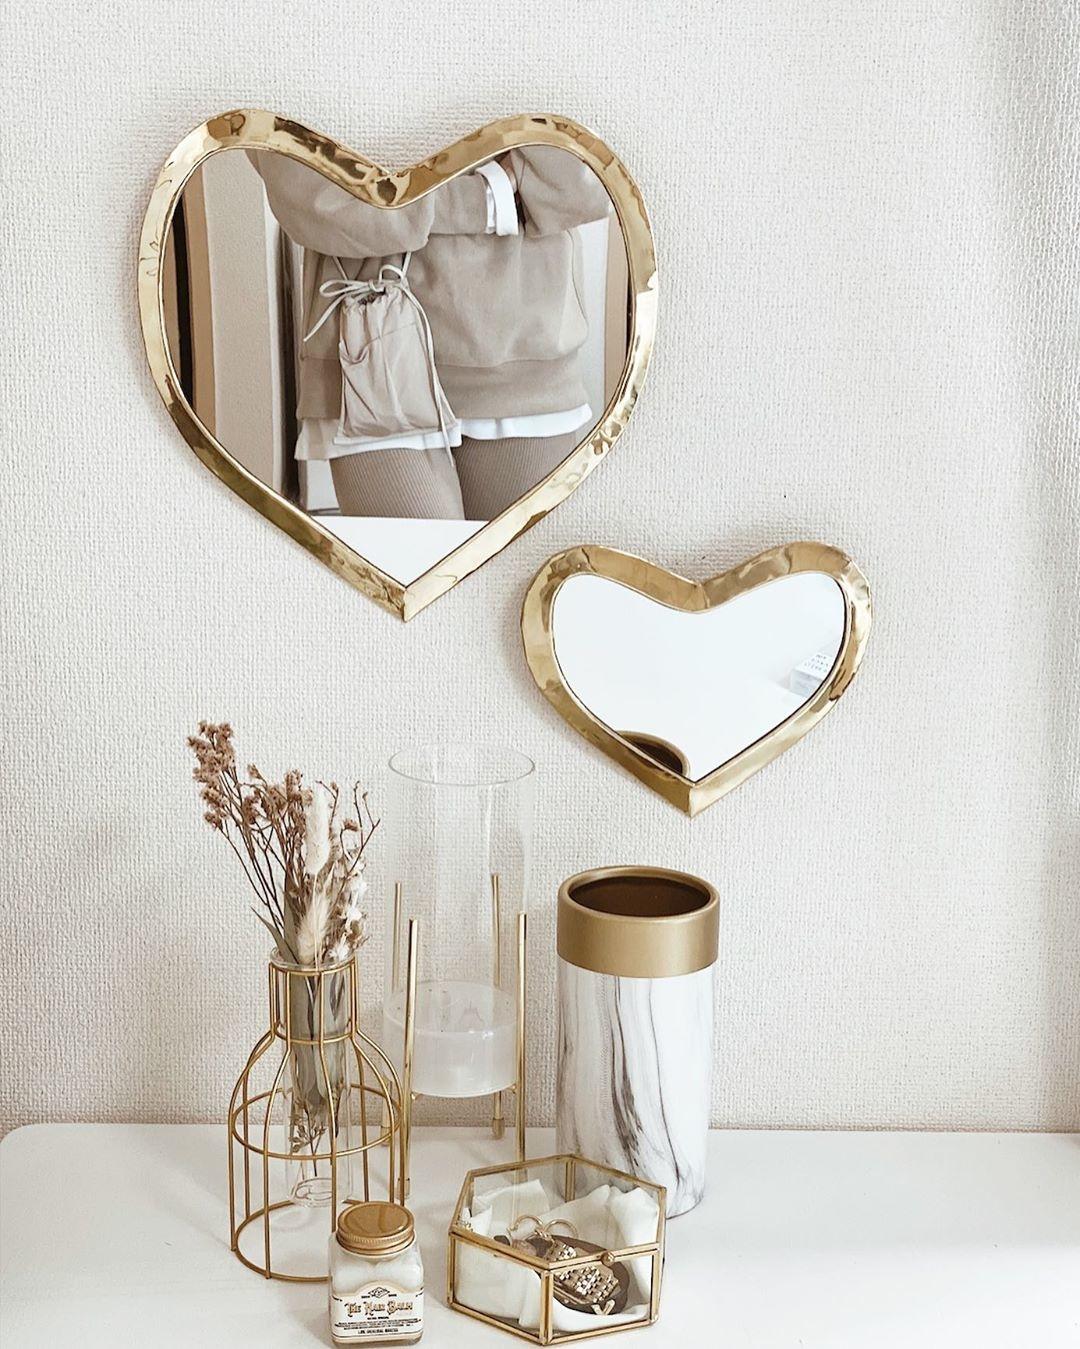 ♡:変わった形の鏡